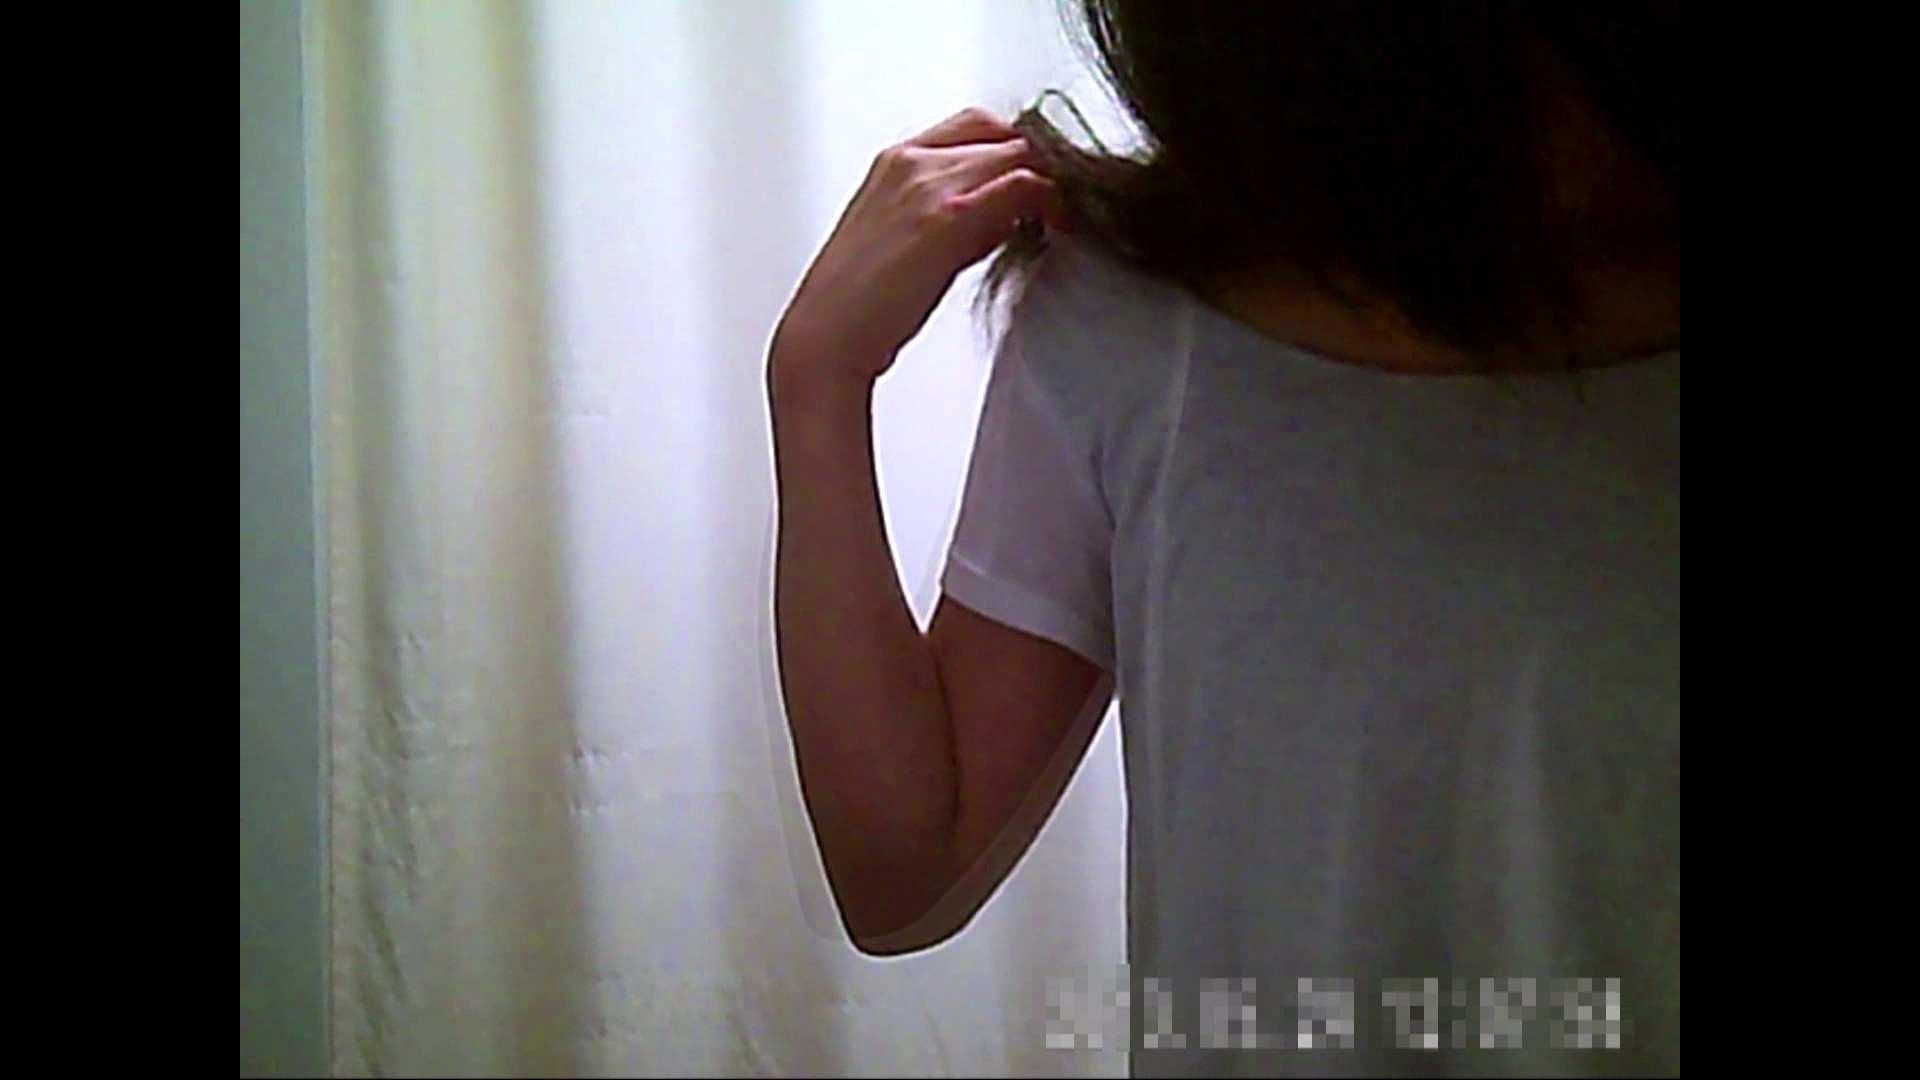 病院おもいっきり着替え! vol.251 娘 オマンコ無修正動画無料 69連発 60